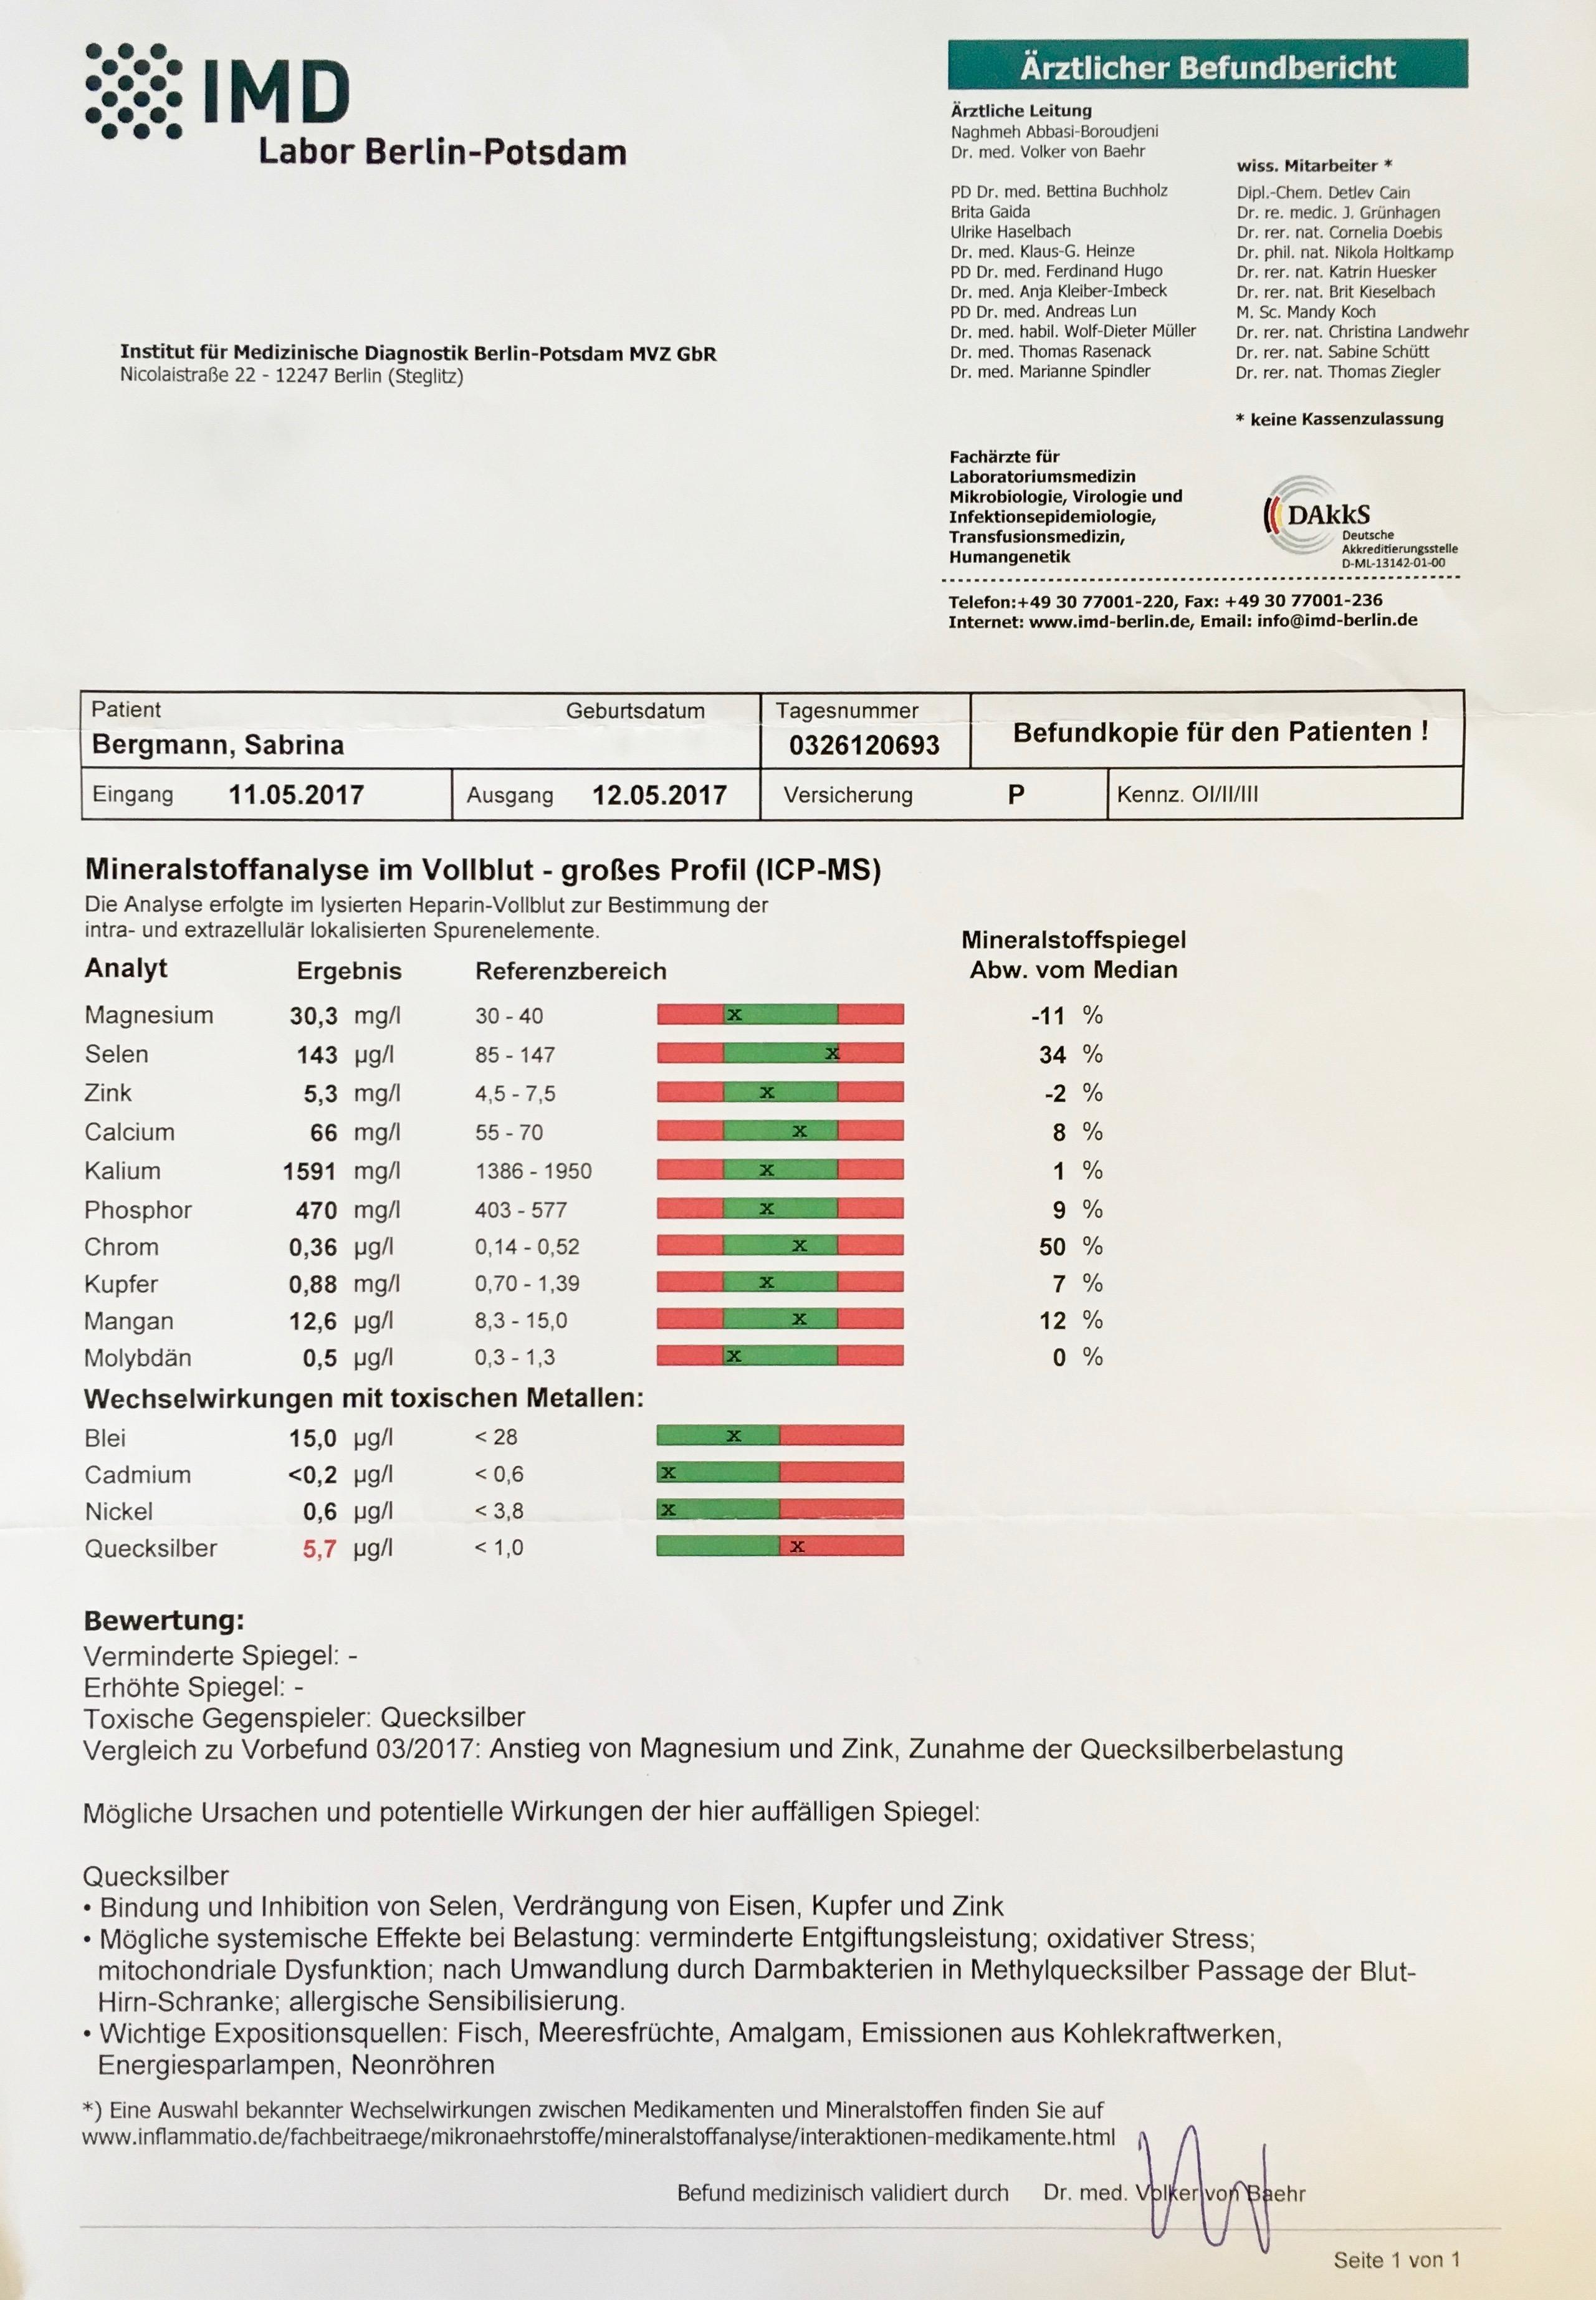 Mineralstoffprofil 9 Wochen nach Start des Autoimmunprotokoll (AIP)